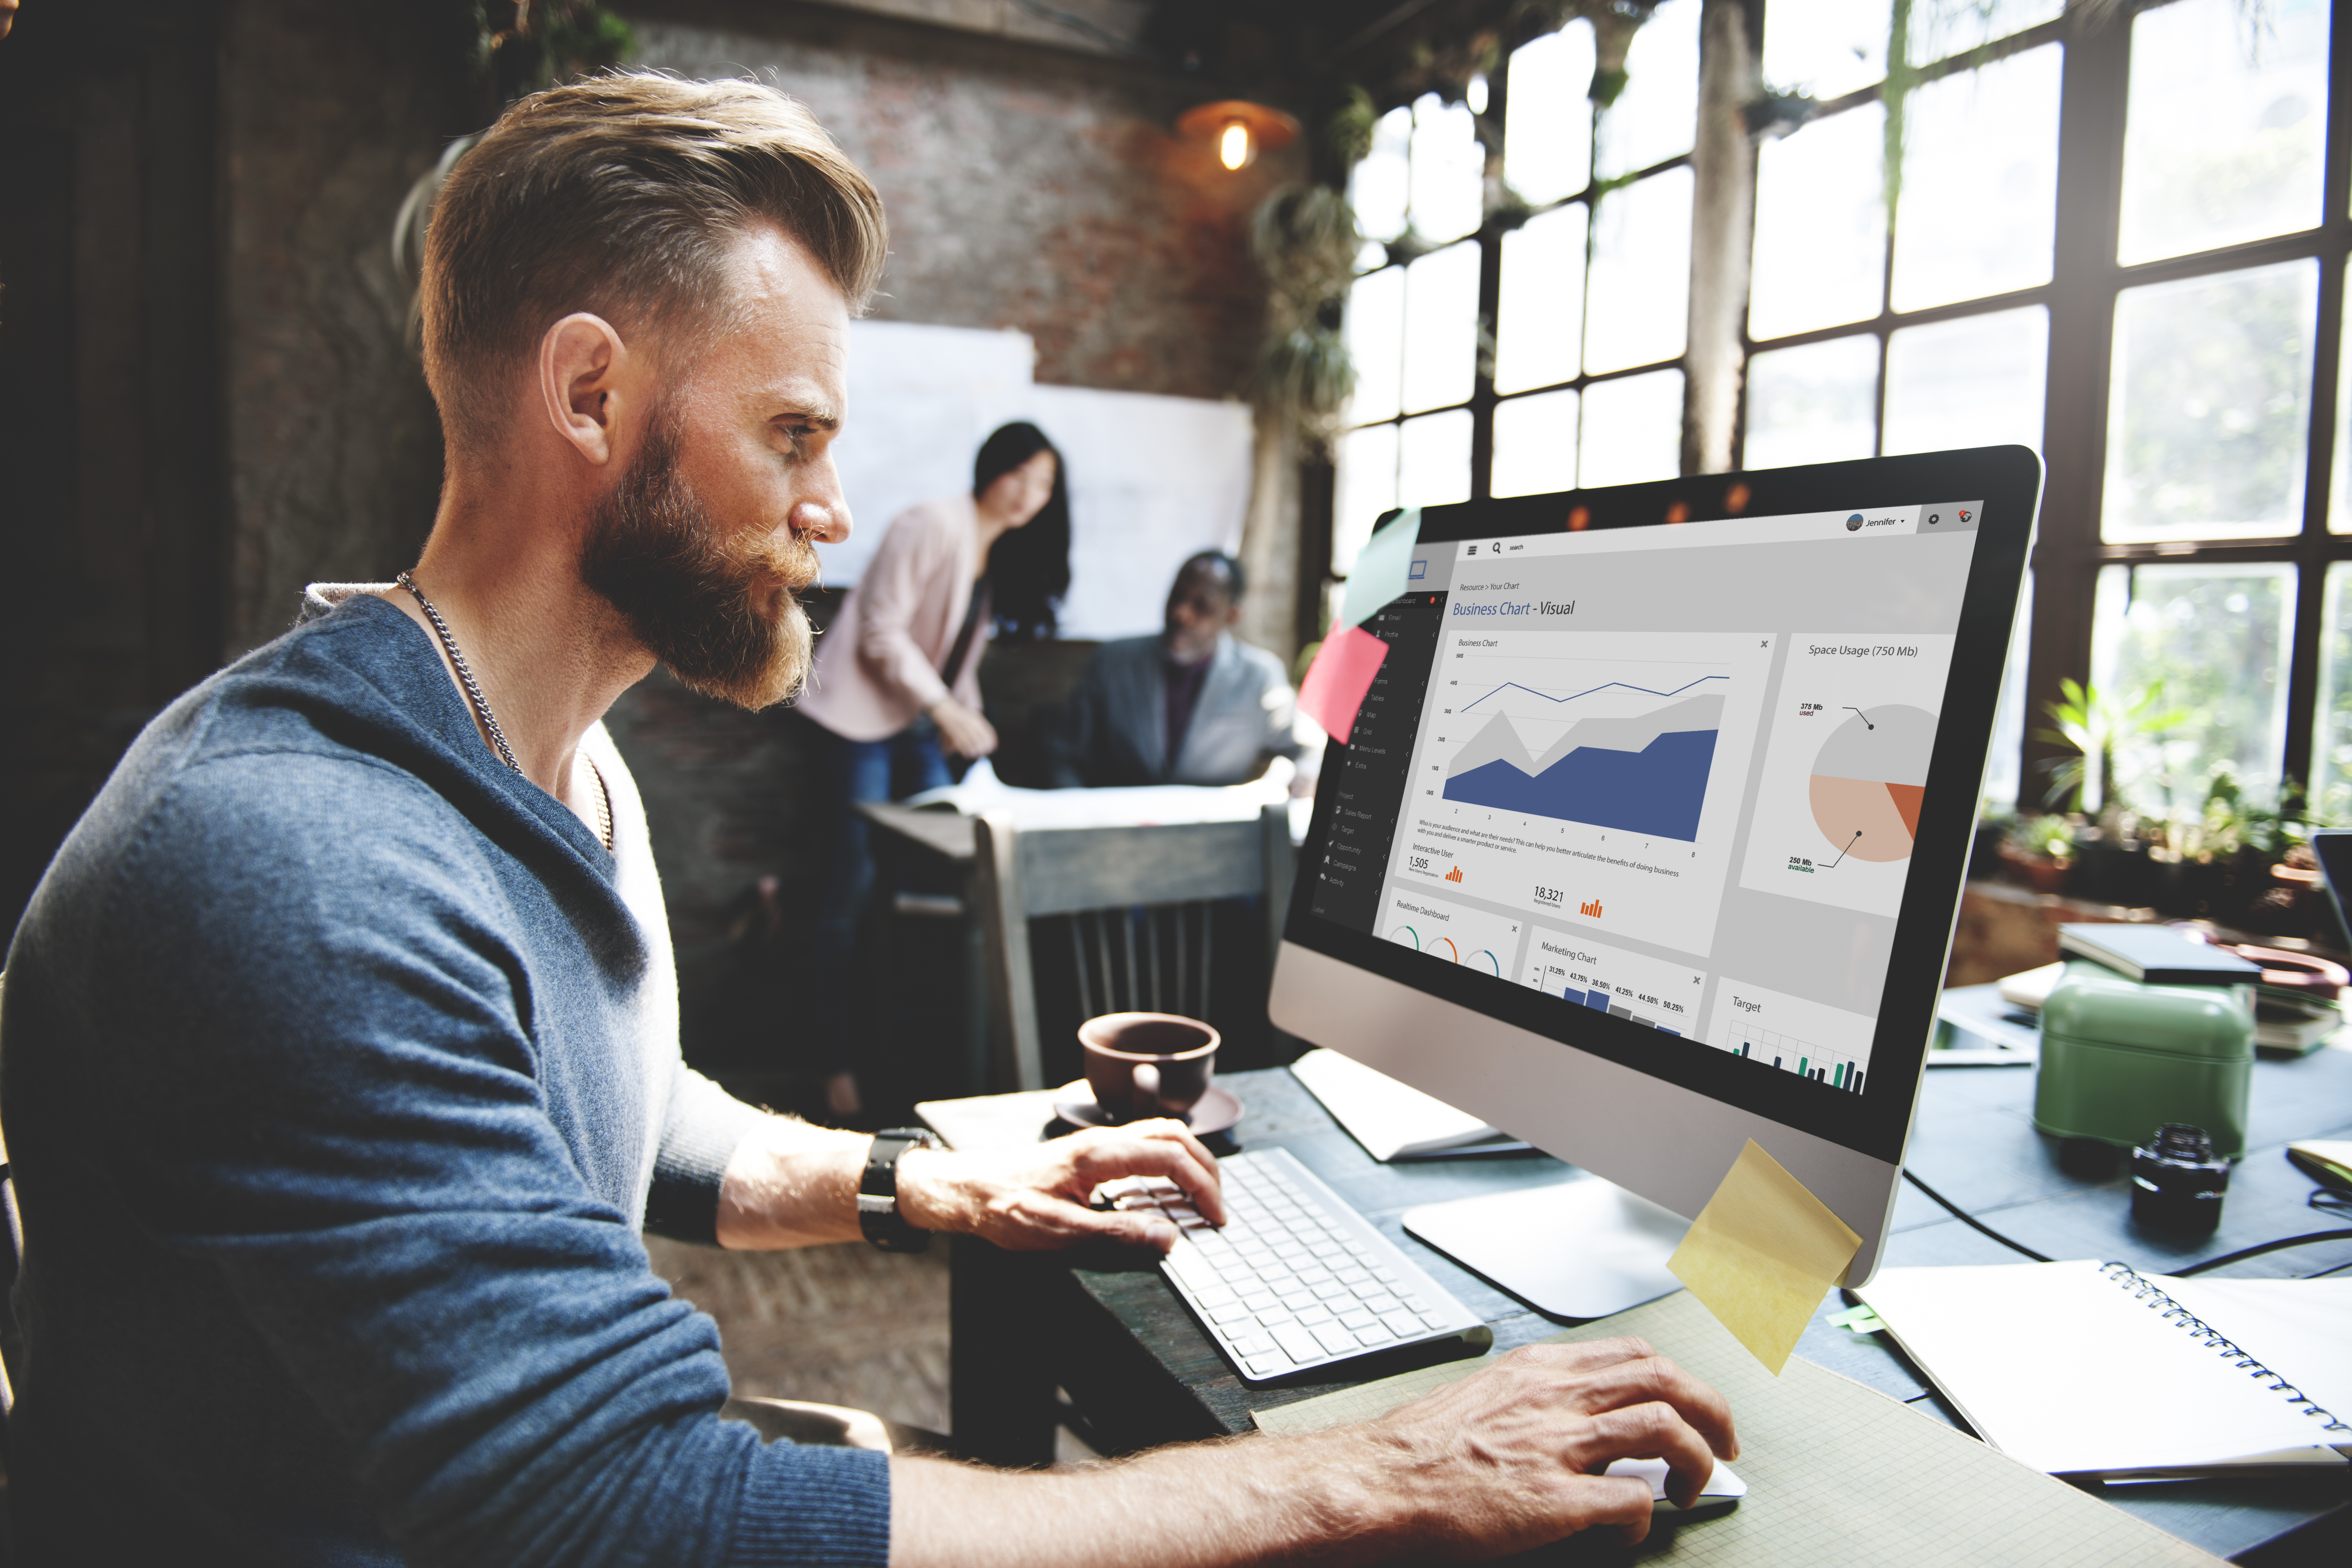 デジタルマーケティングで活躍するDMPを導入する際に気をつけたいこと